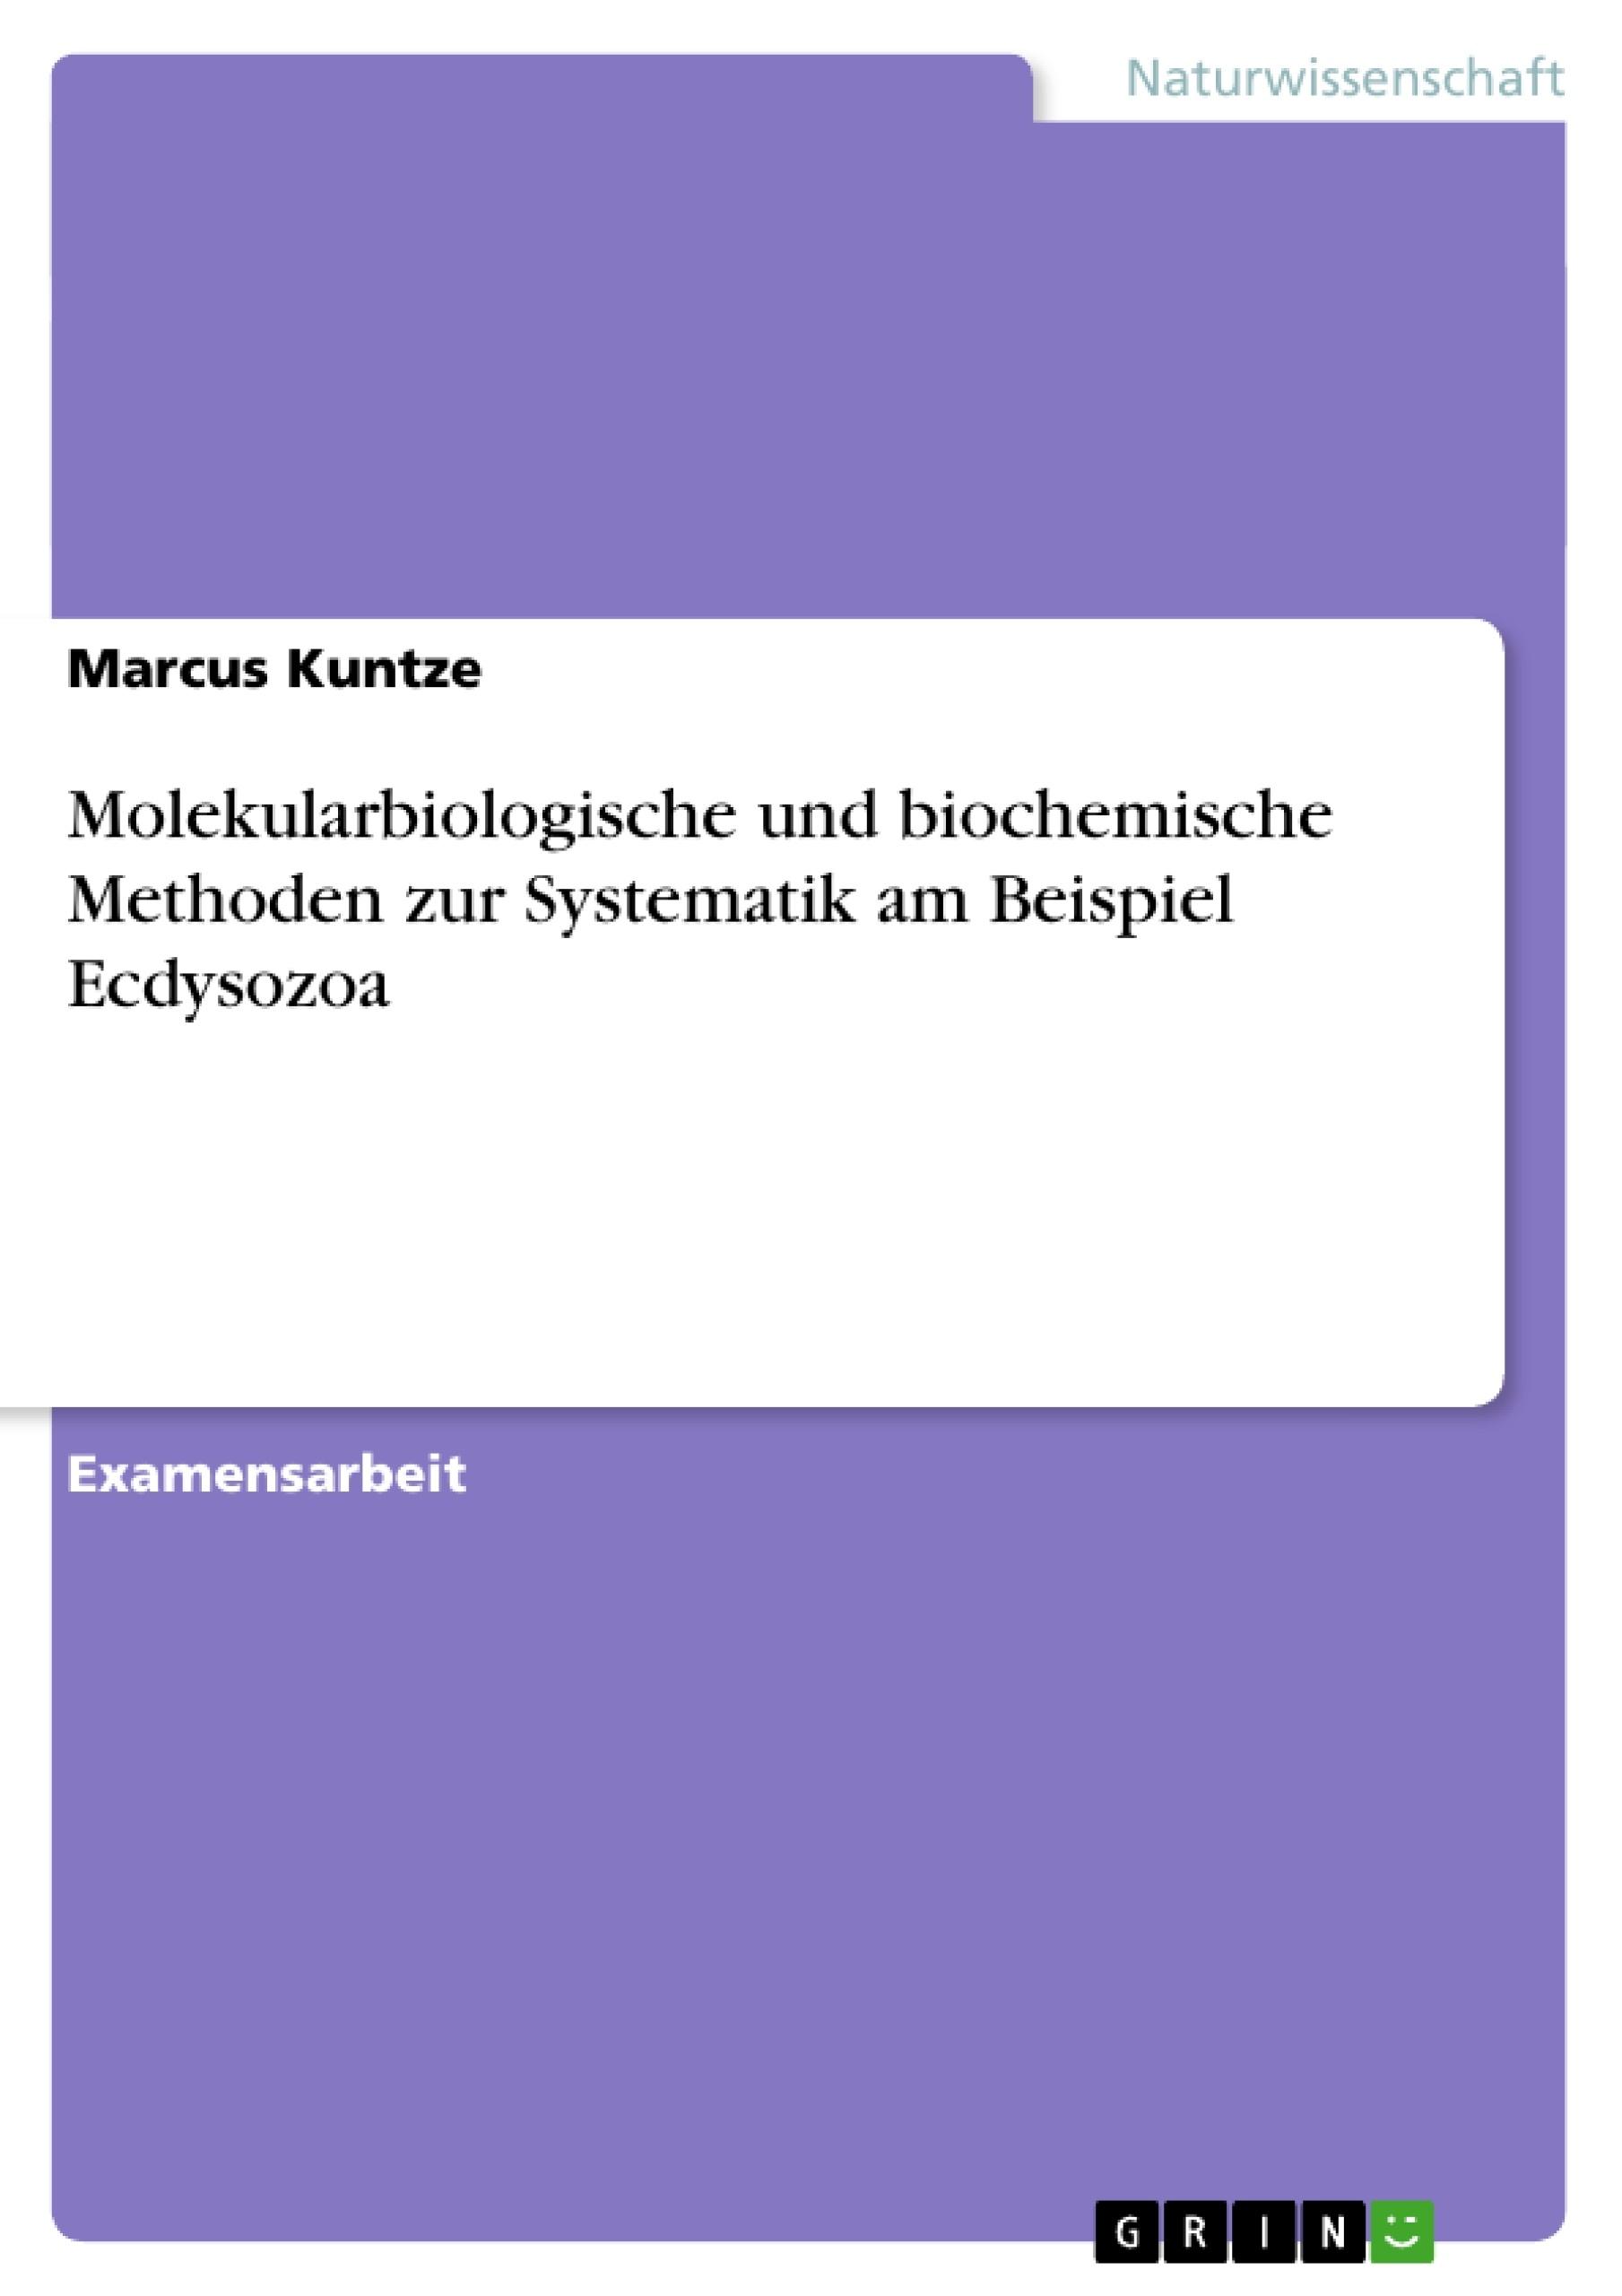 Titel: Molekularbiologische und biochemische Methoden zur Systematik am Beispiel Ecdysozoa